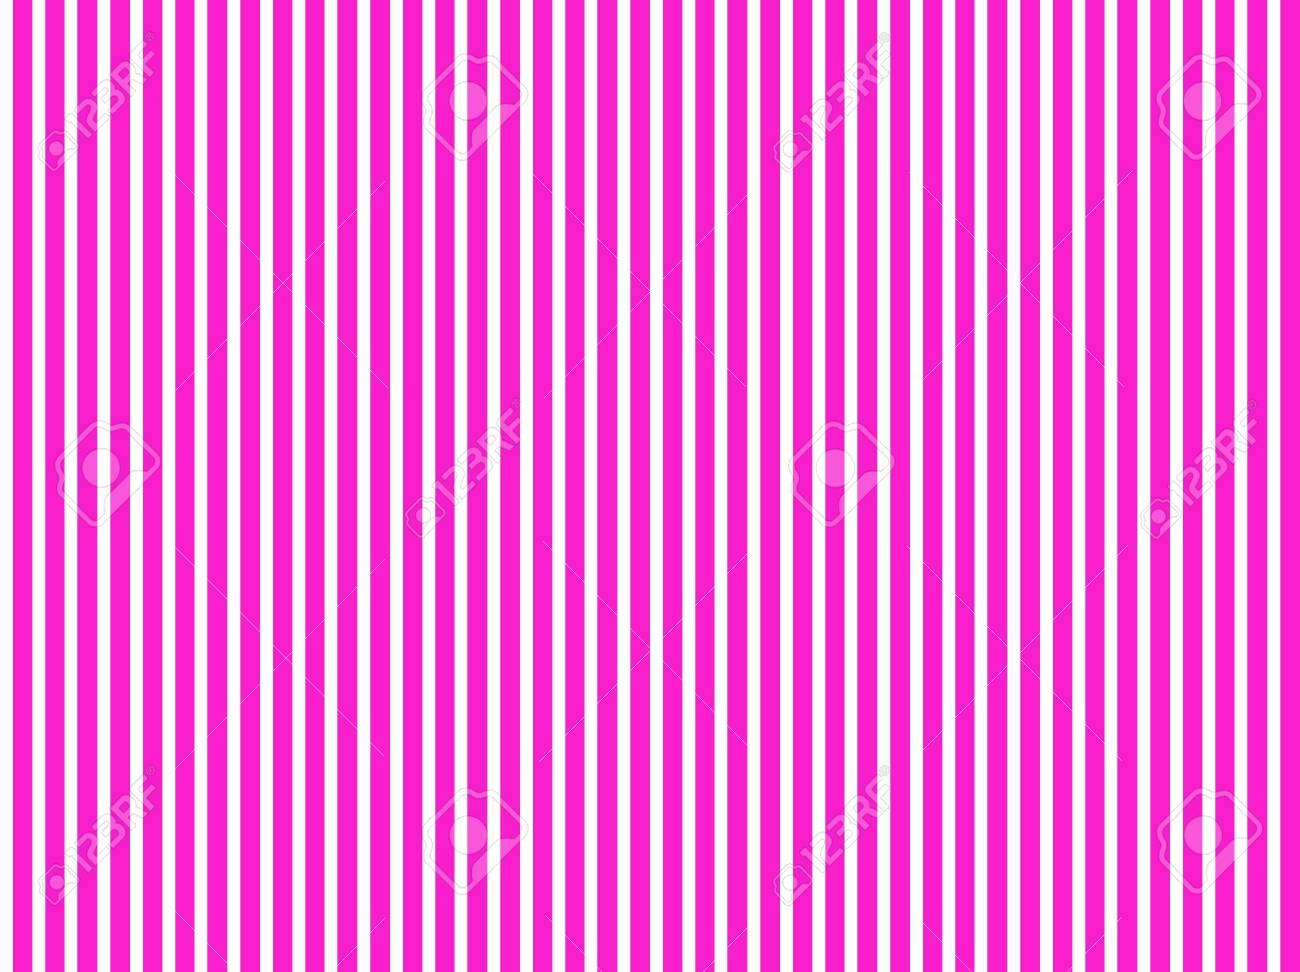 Fondos rosa con blanco